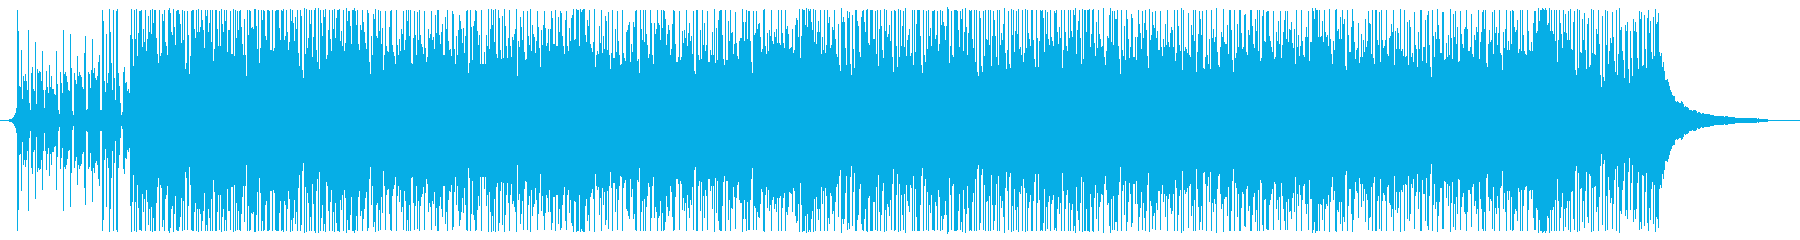 温かく陽気の再生済みの波形